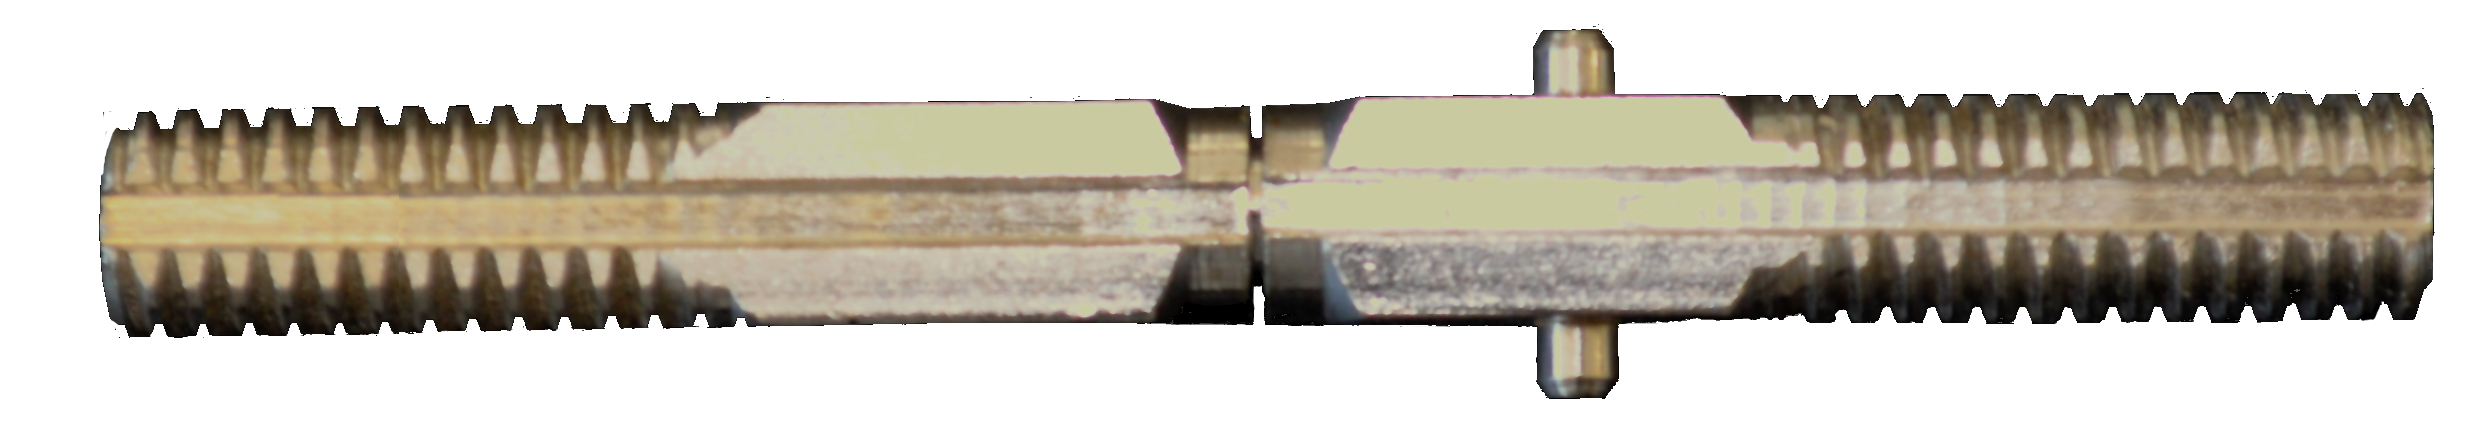 Vintage Hardware & Lighting - Door Knob Spindle Split Shaft 3 3/4 ...